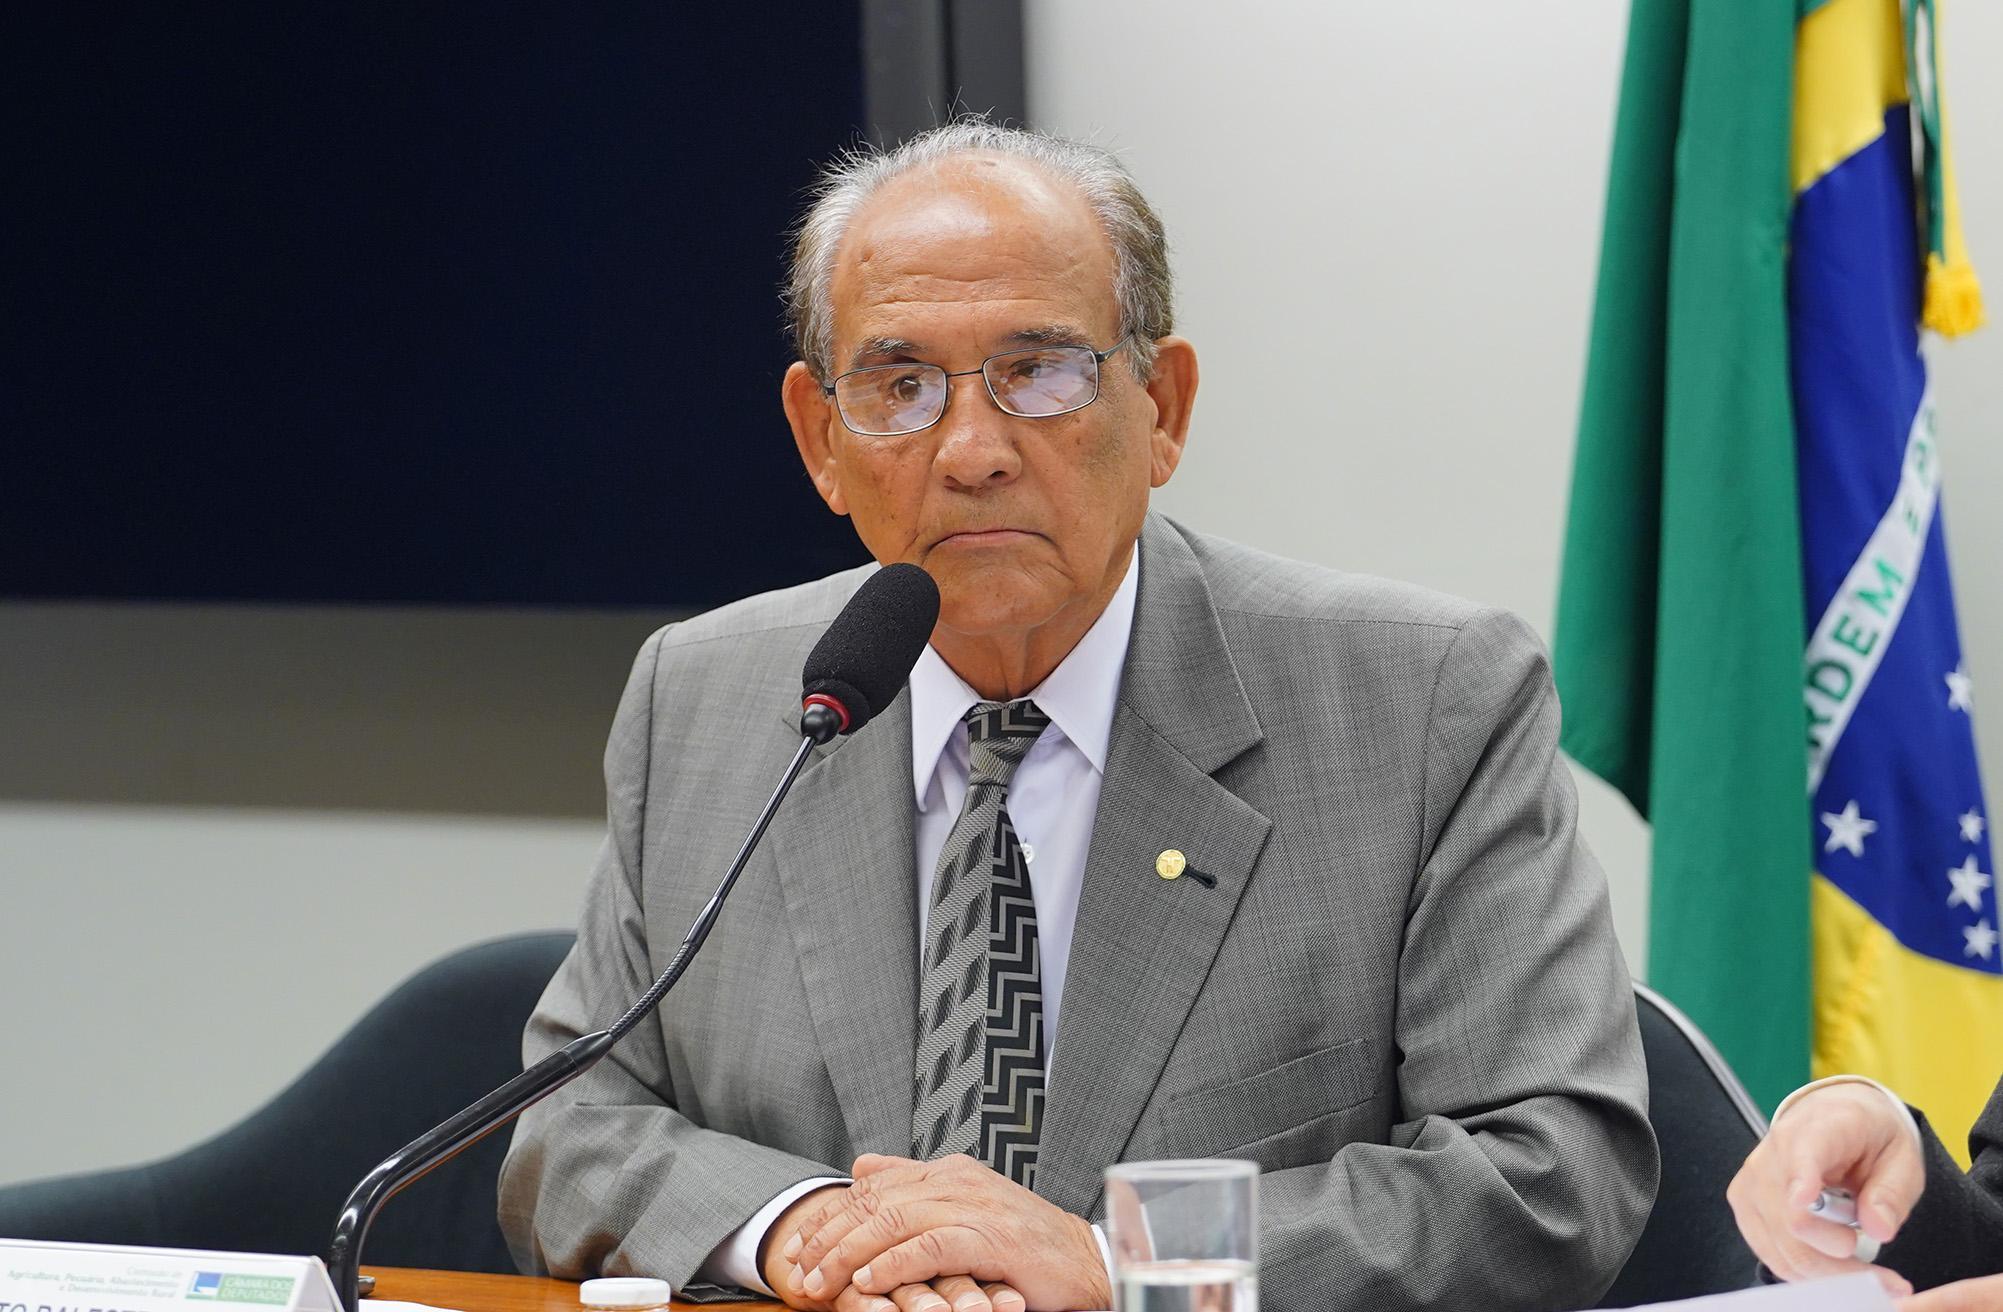 Reunião ordinária. Dep. Roberto Balestra (PP - GO)